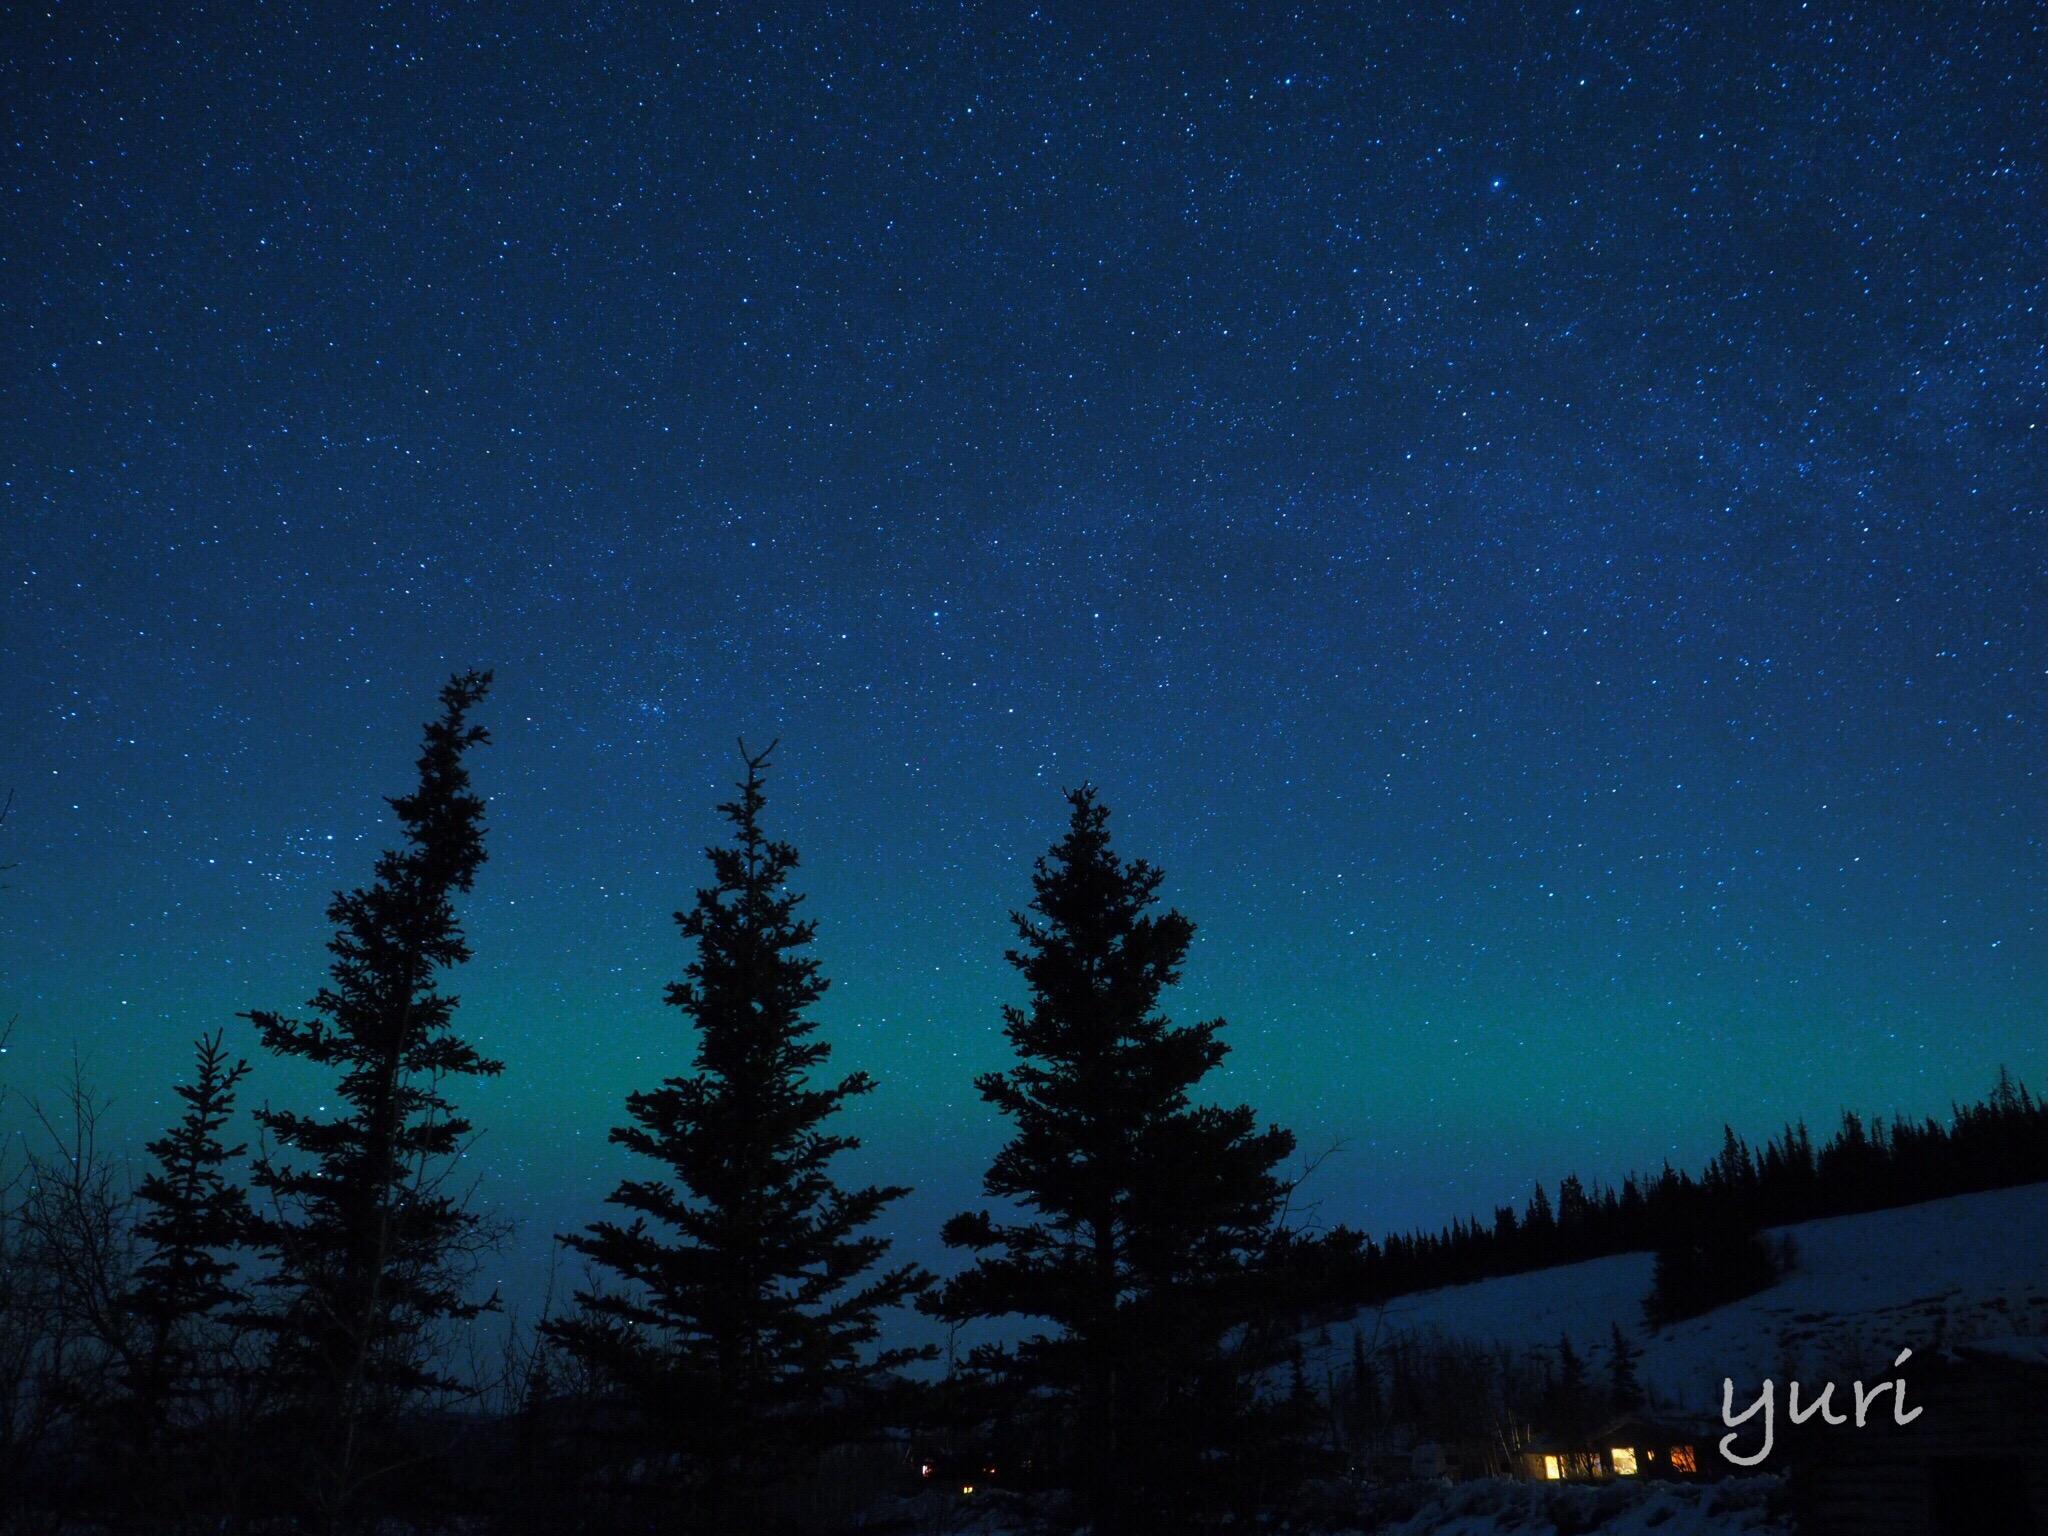 空・オーロラ・星をダイナミックに撮るなら、広角レンズがおすすめな理由